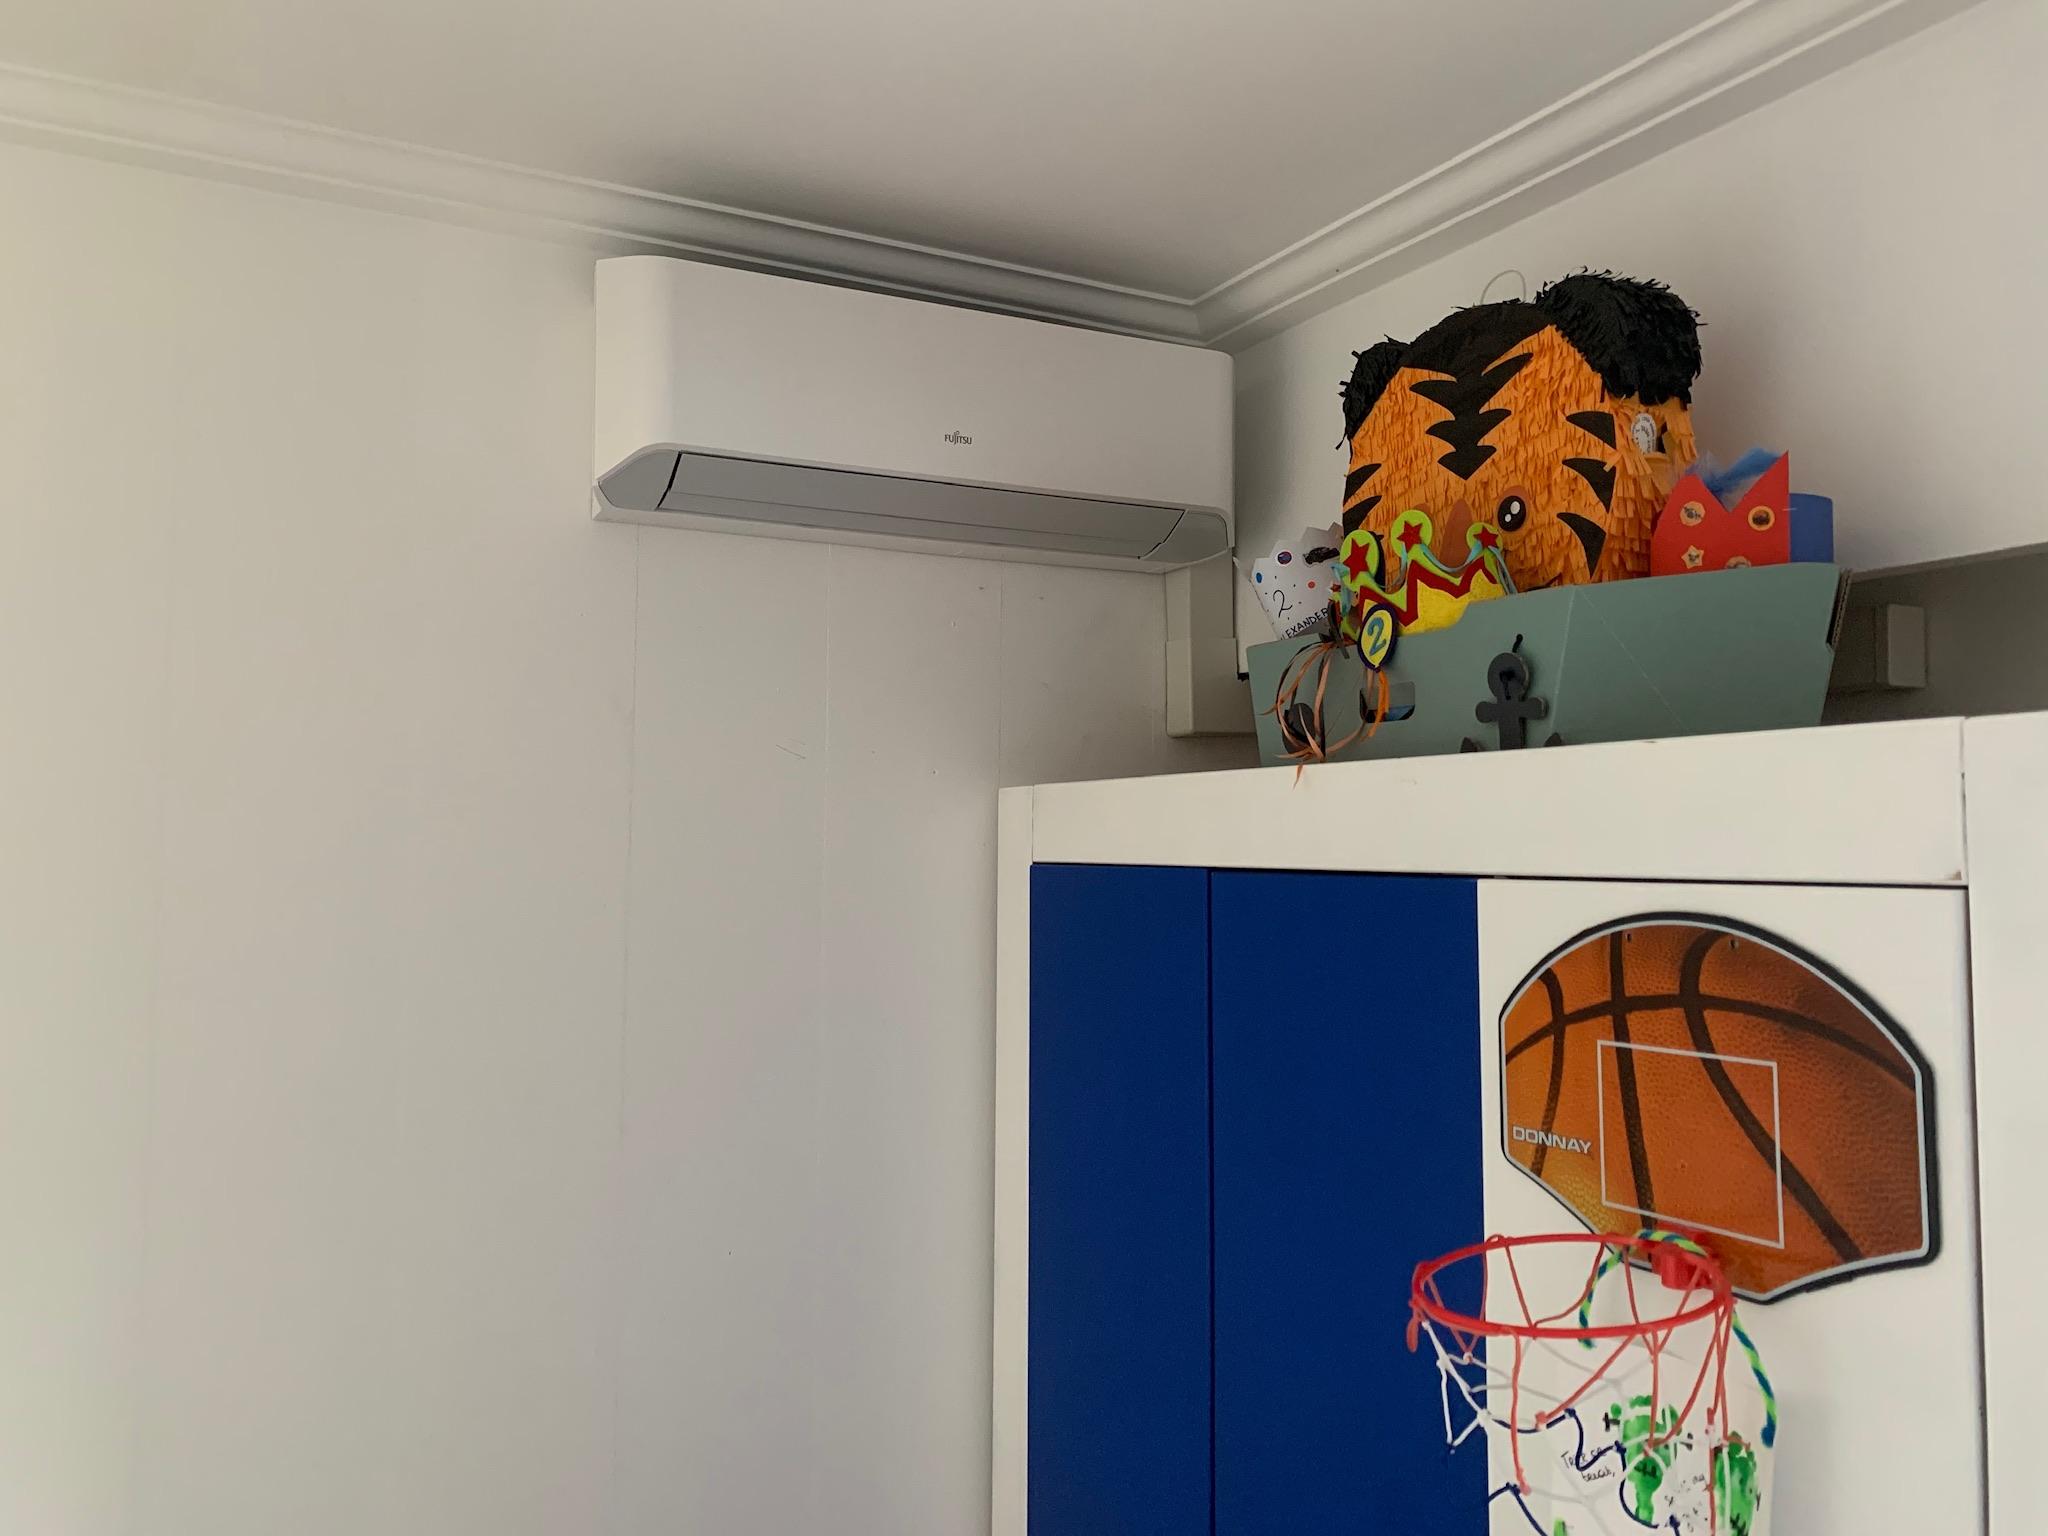 airco warmtepomp design fujitsu kinderslaapkamer beveren